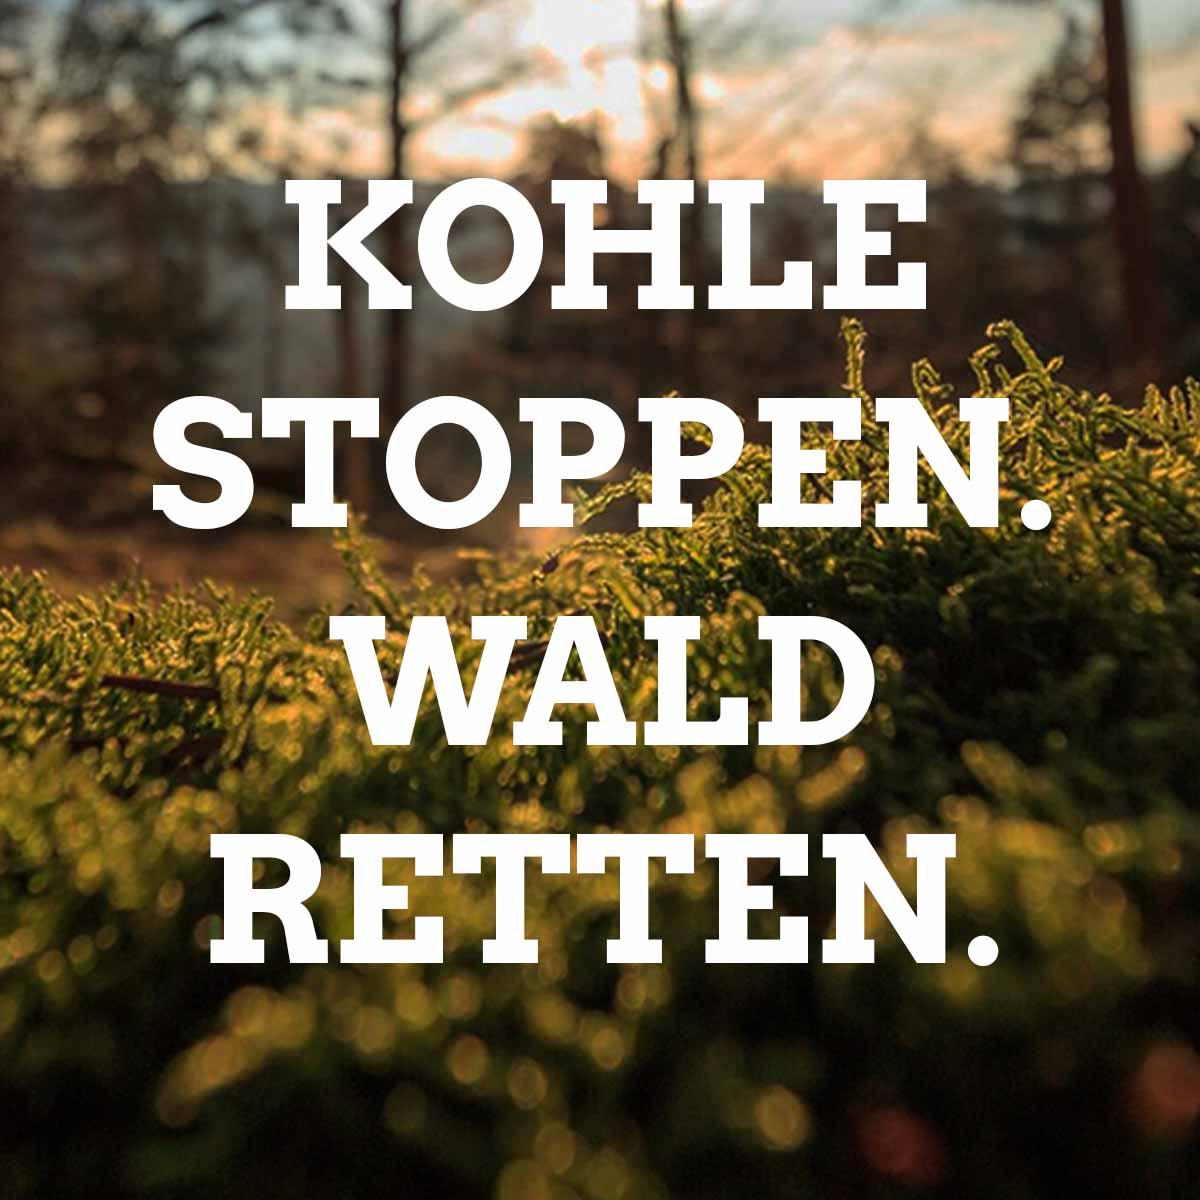 Kohle-stoppen-Wald-retten